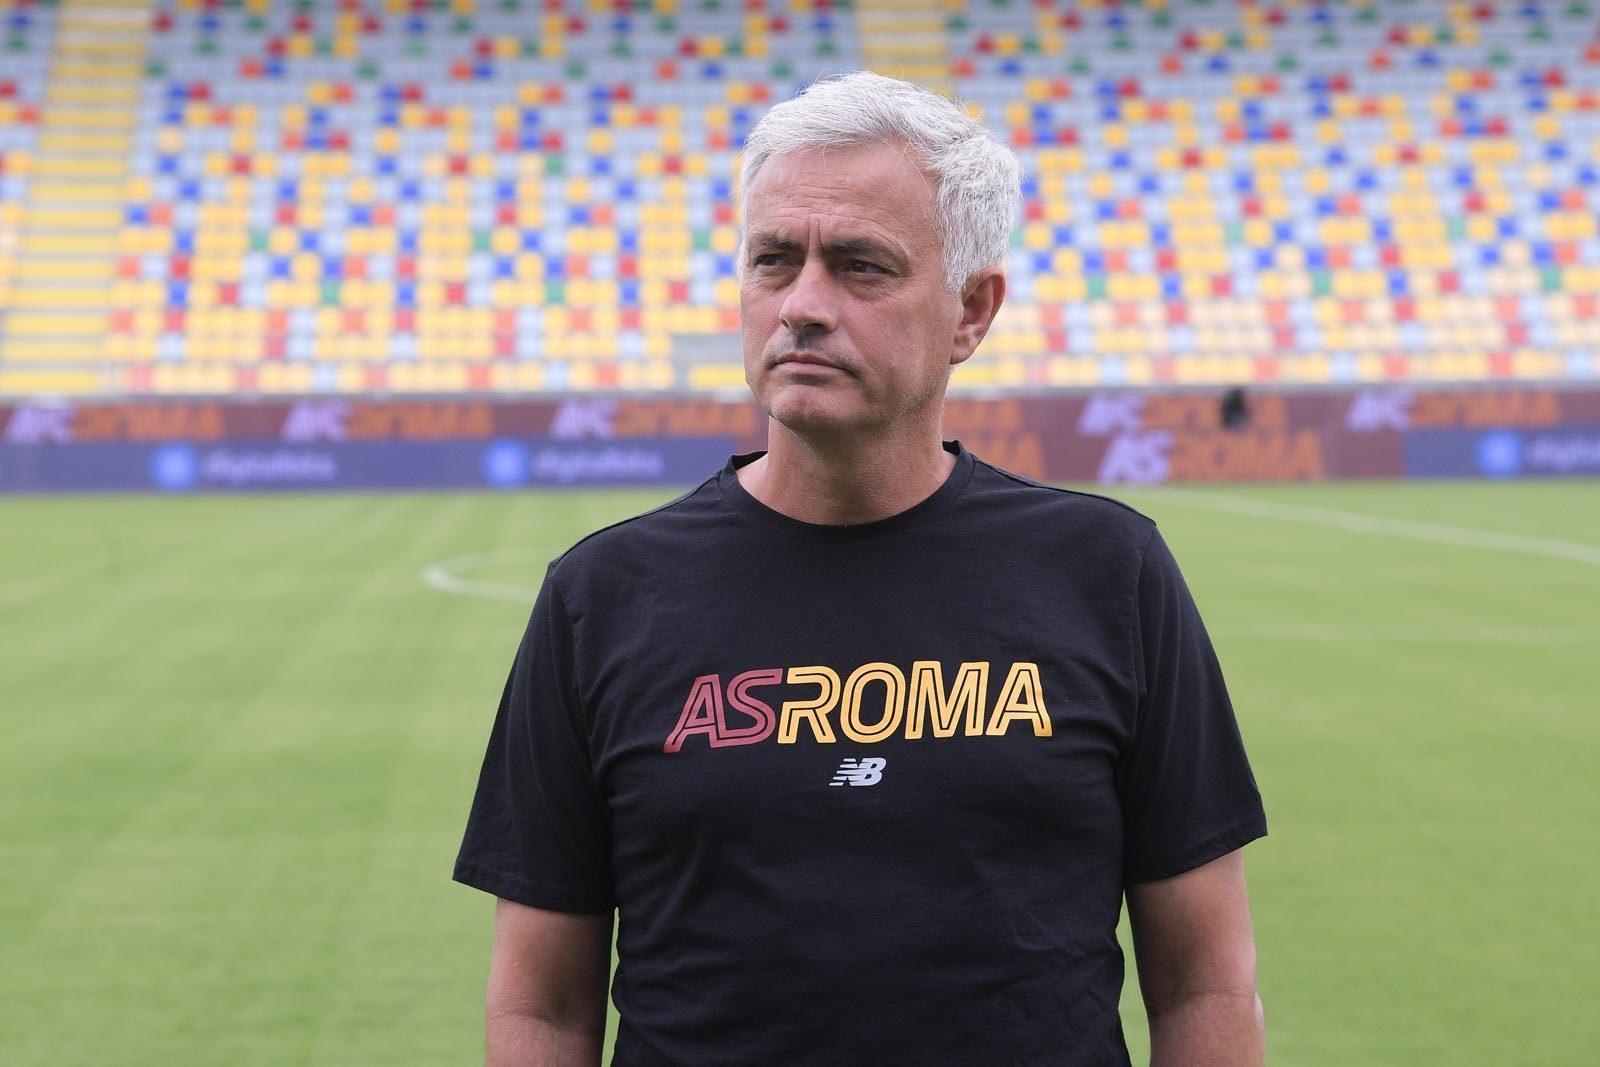 salernitana-roma,-mourinho:-«gara-difficile-contro-squadra-difensivista»